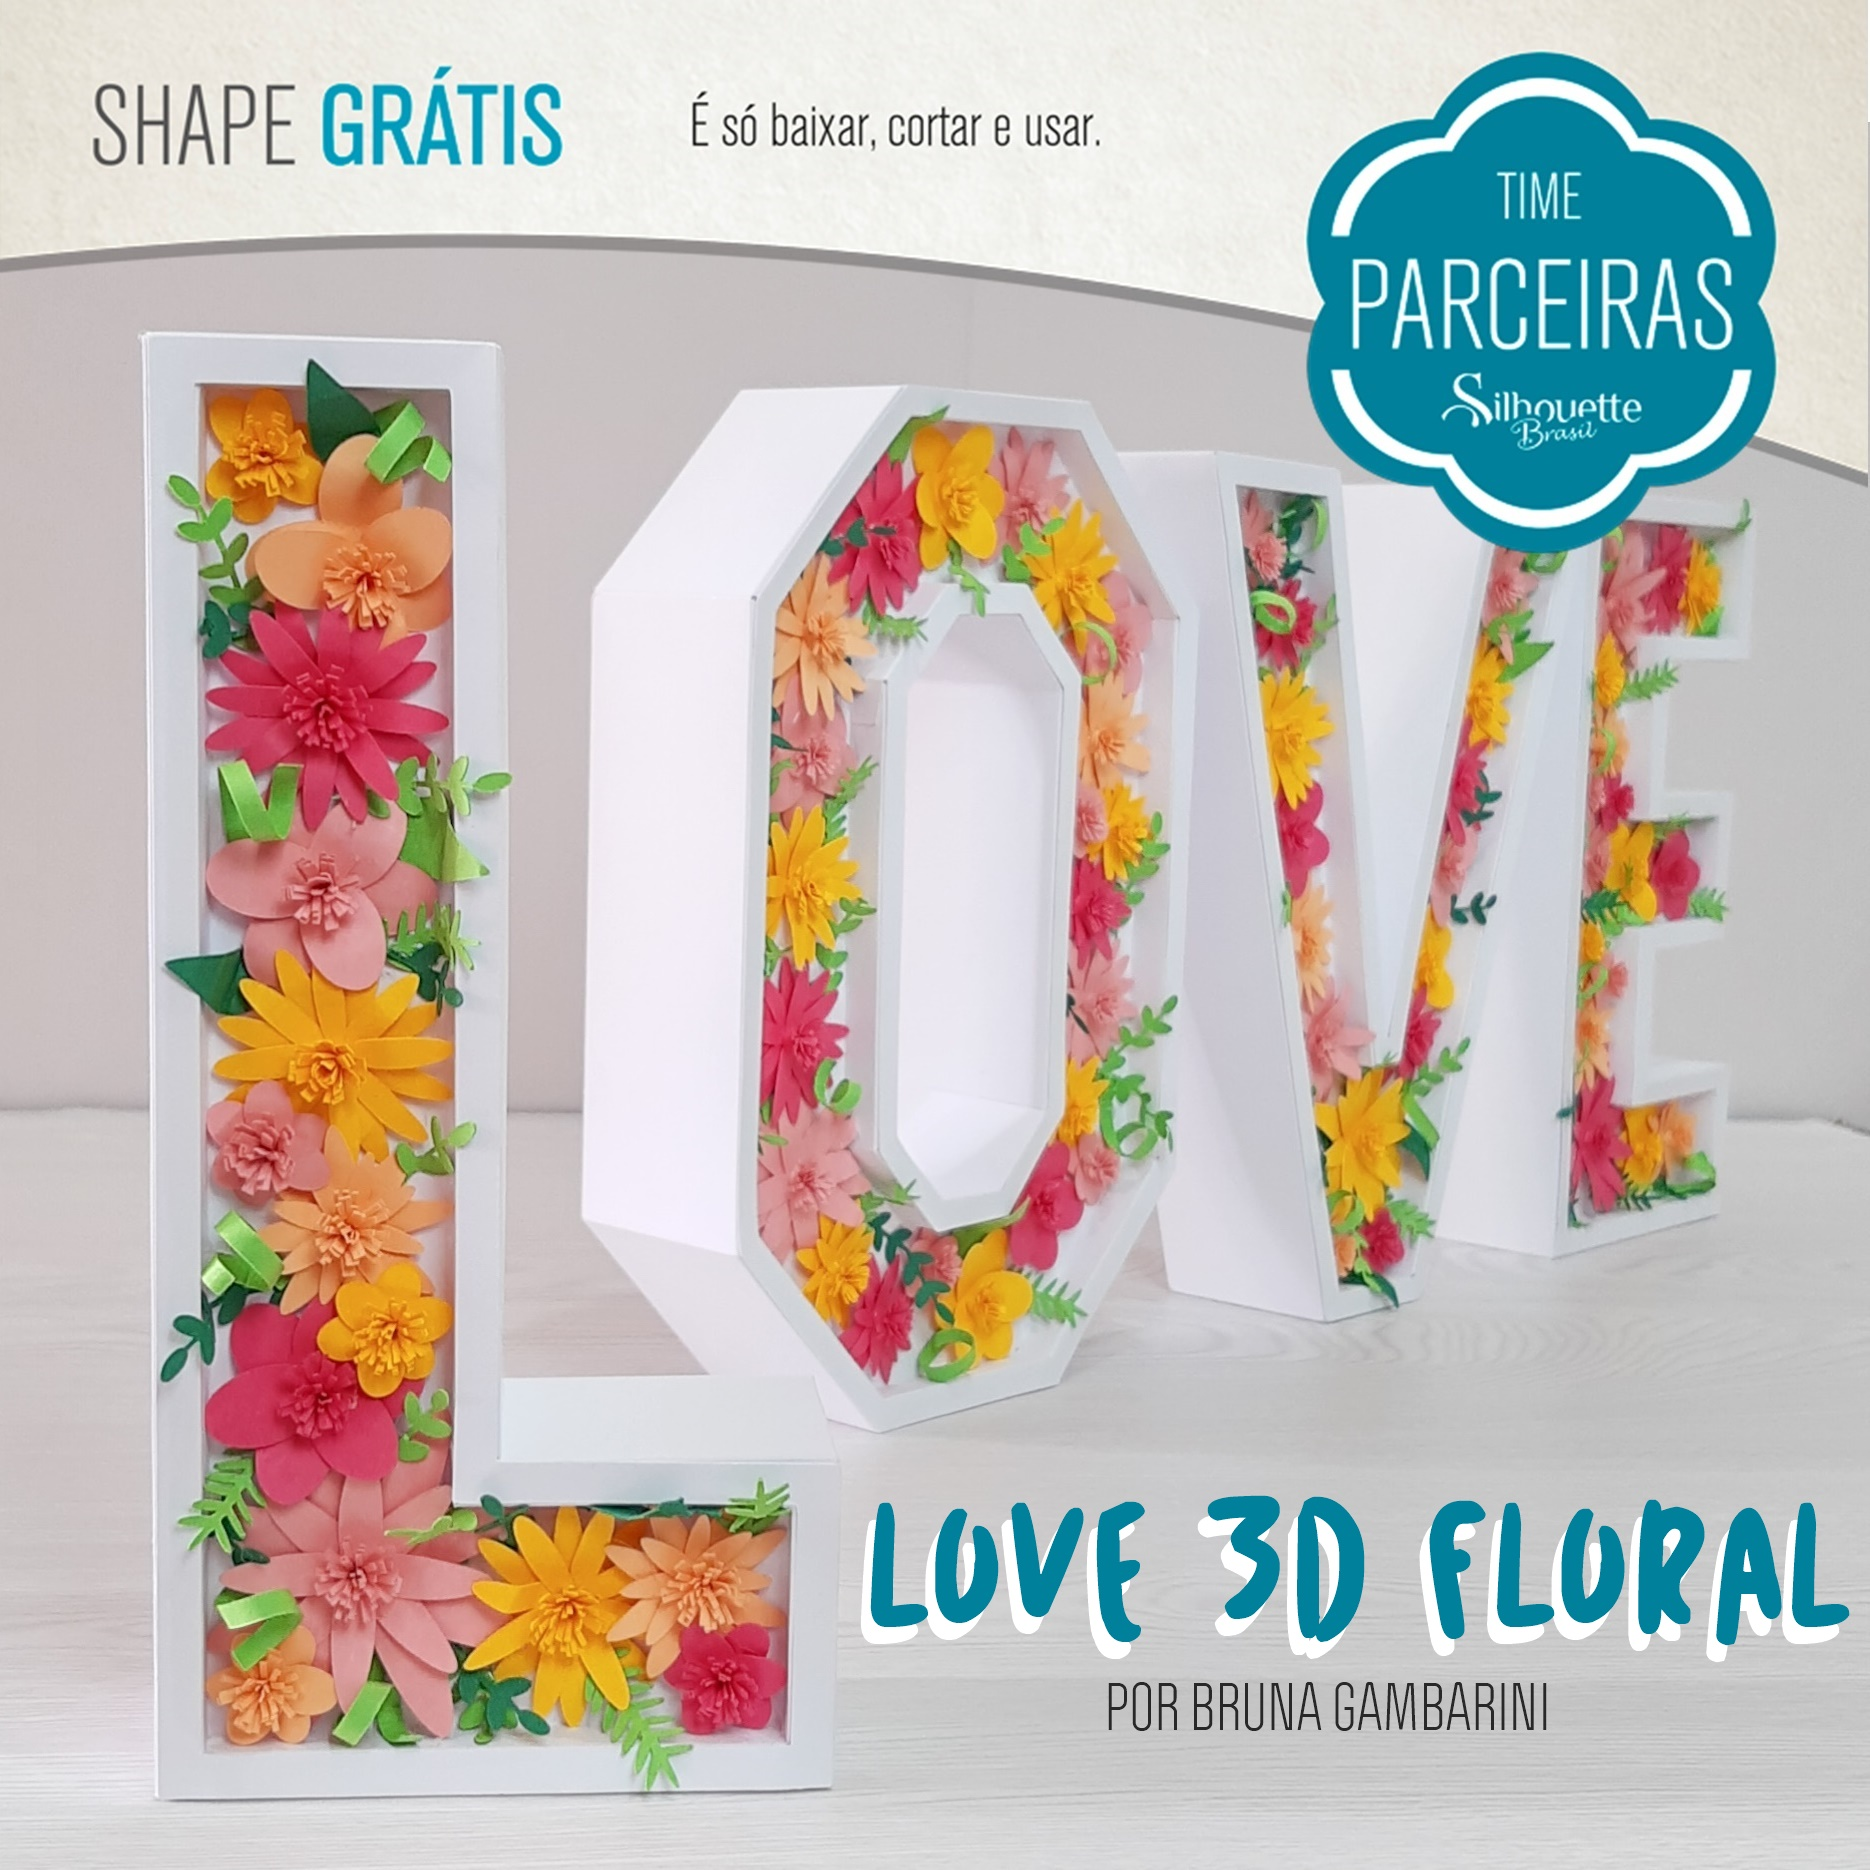 Shapes Grátis - LOVE 3D Floral